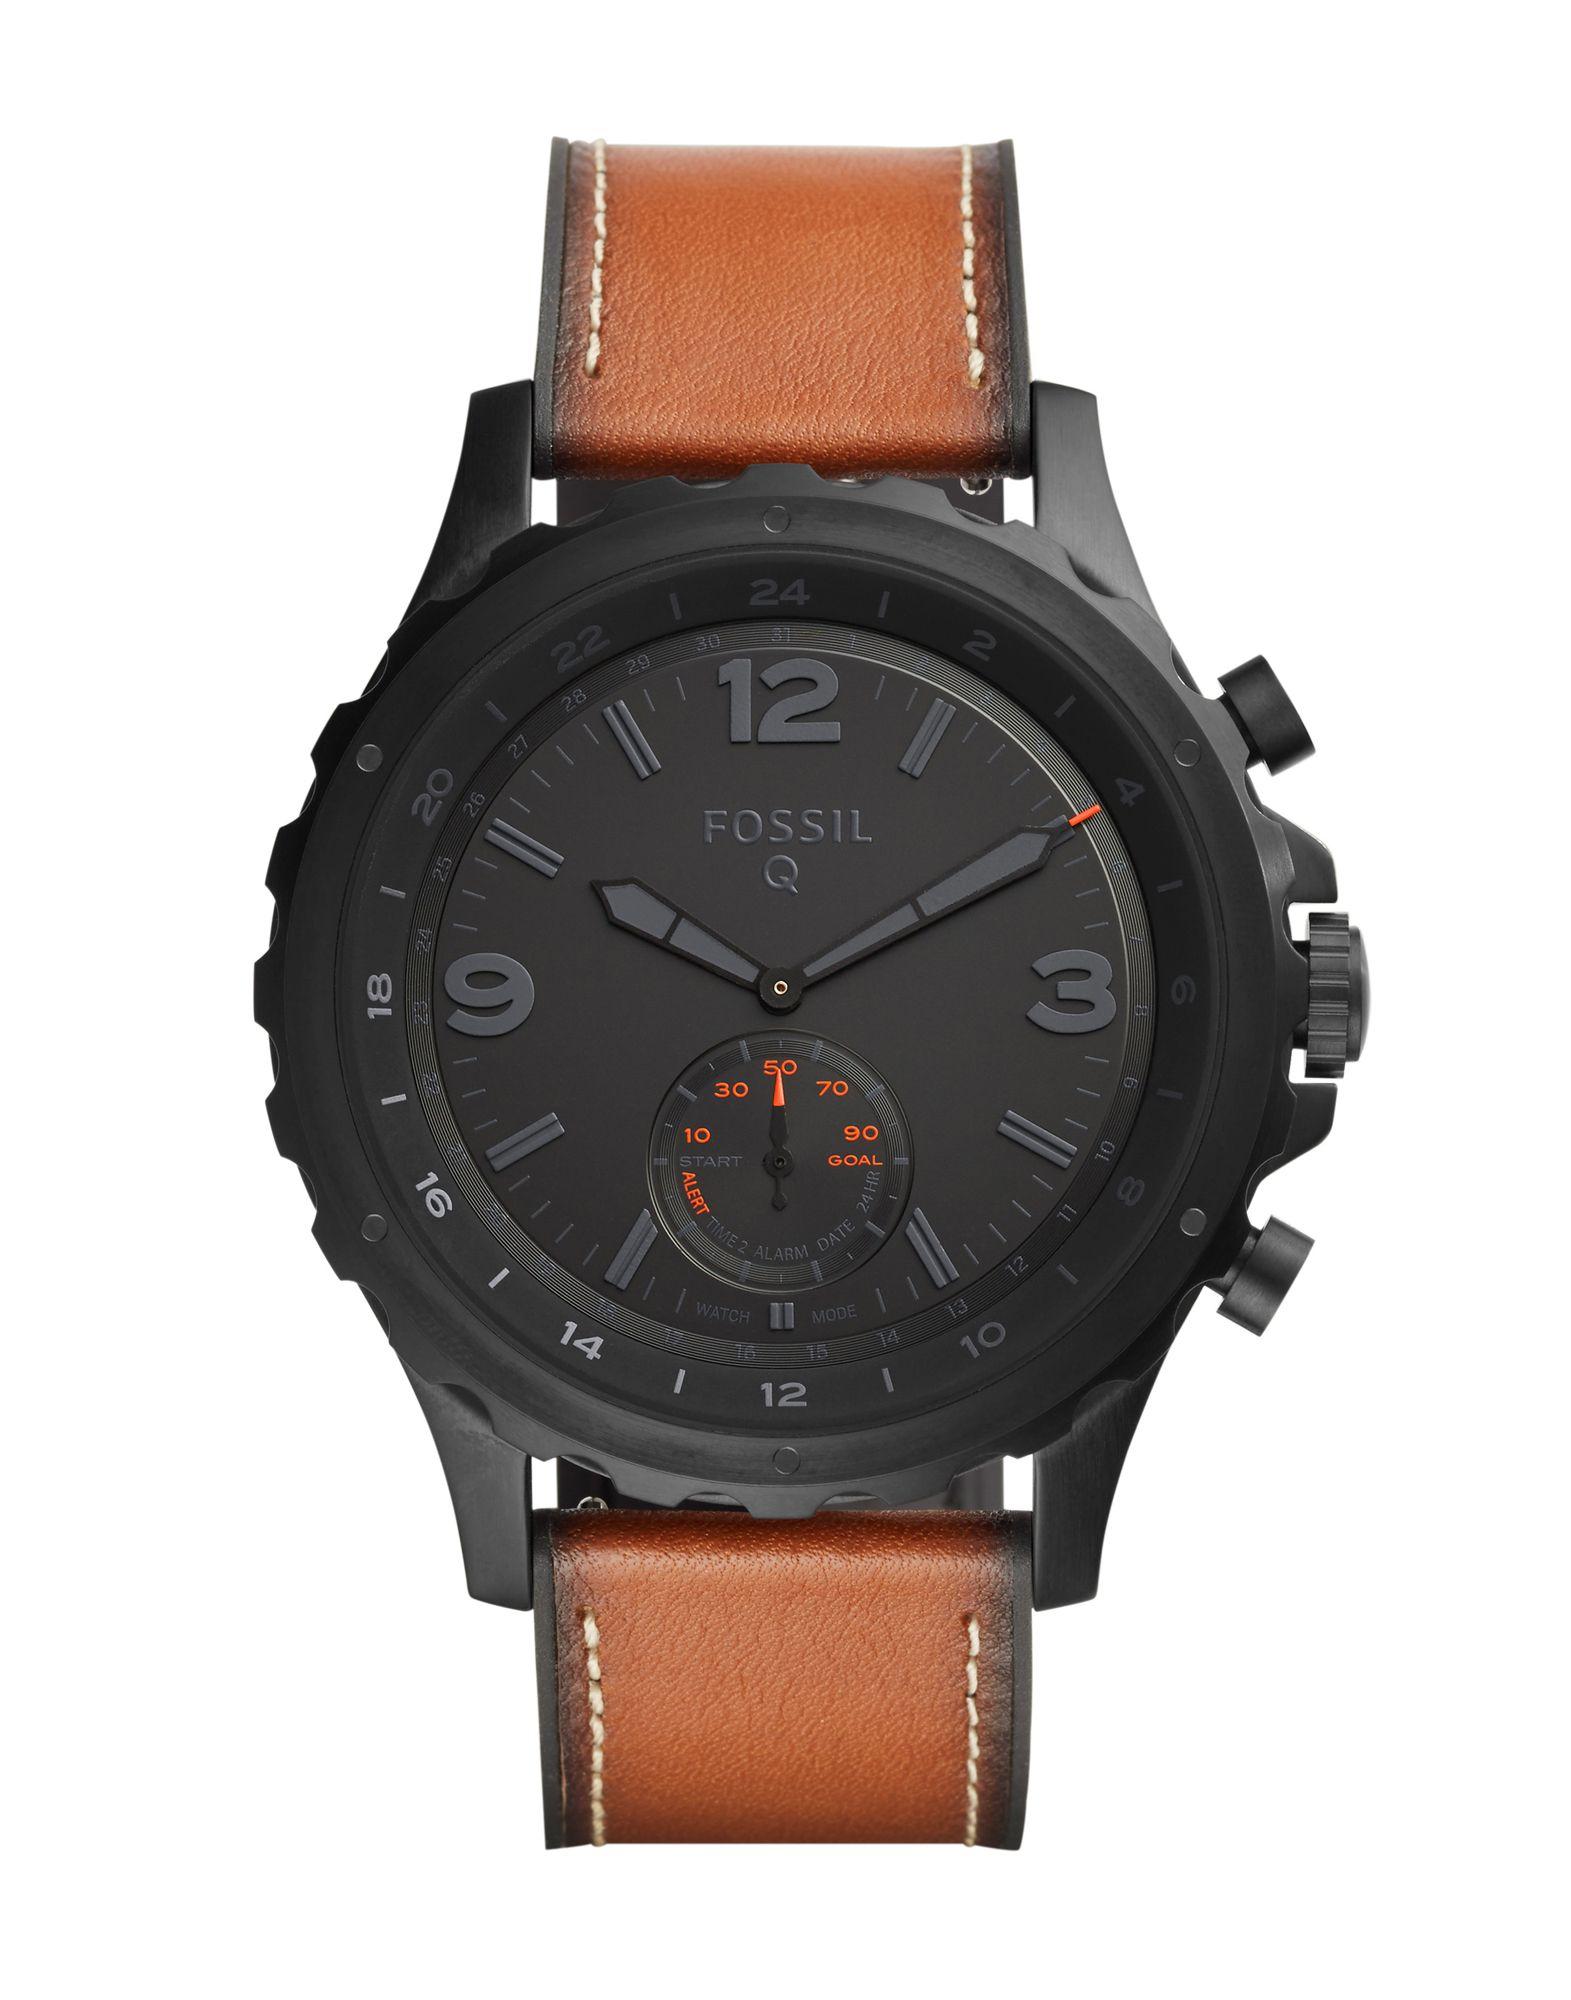 《送料無料》FOSSIL Q メンズ スマートウォッチ ブラック ステンレススチール / 革 Q NATE Hybrid Smartwatch